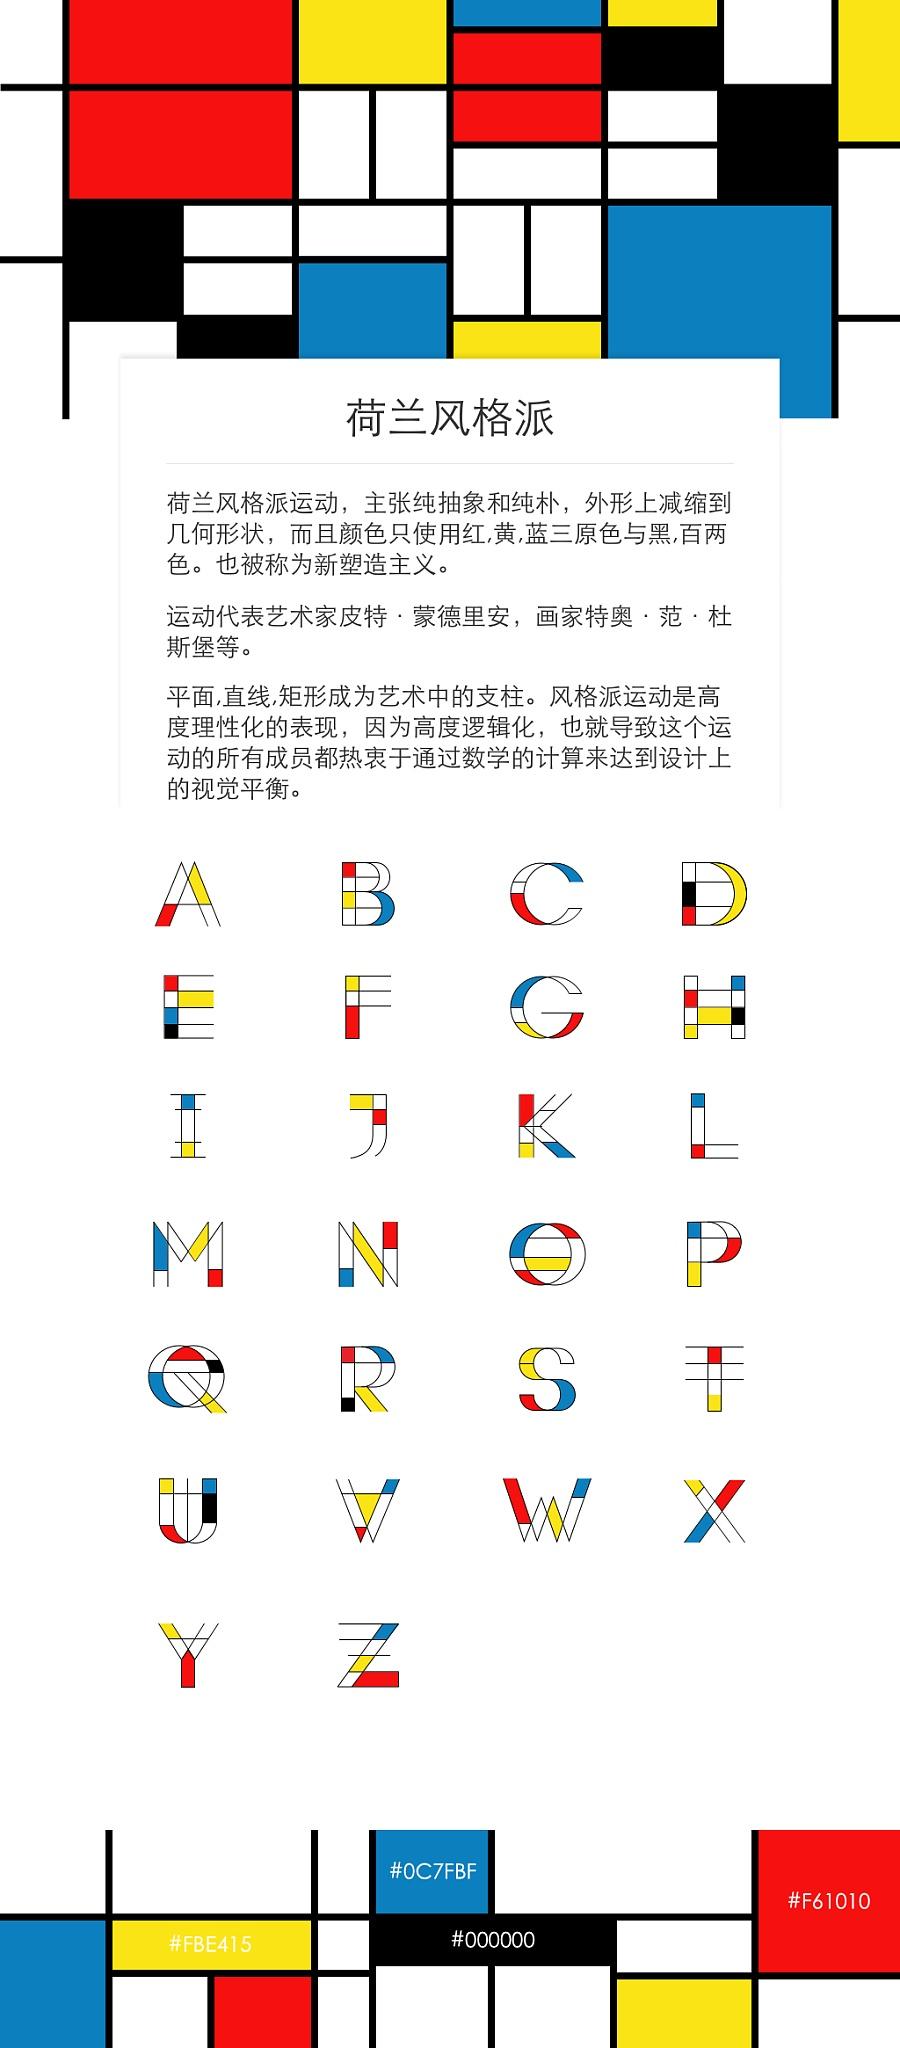 条件抽象|凳子/字形|几何|多功的平面君-申请墨尔本大学建筑设计原创字体图片